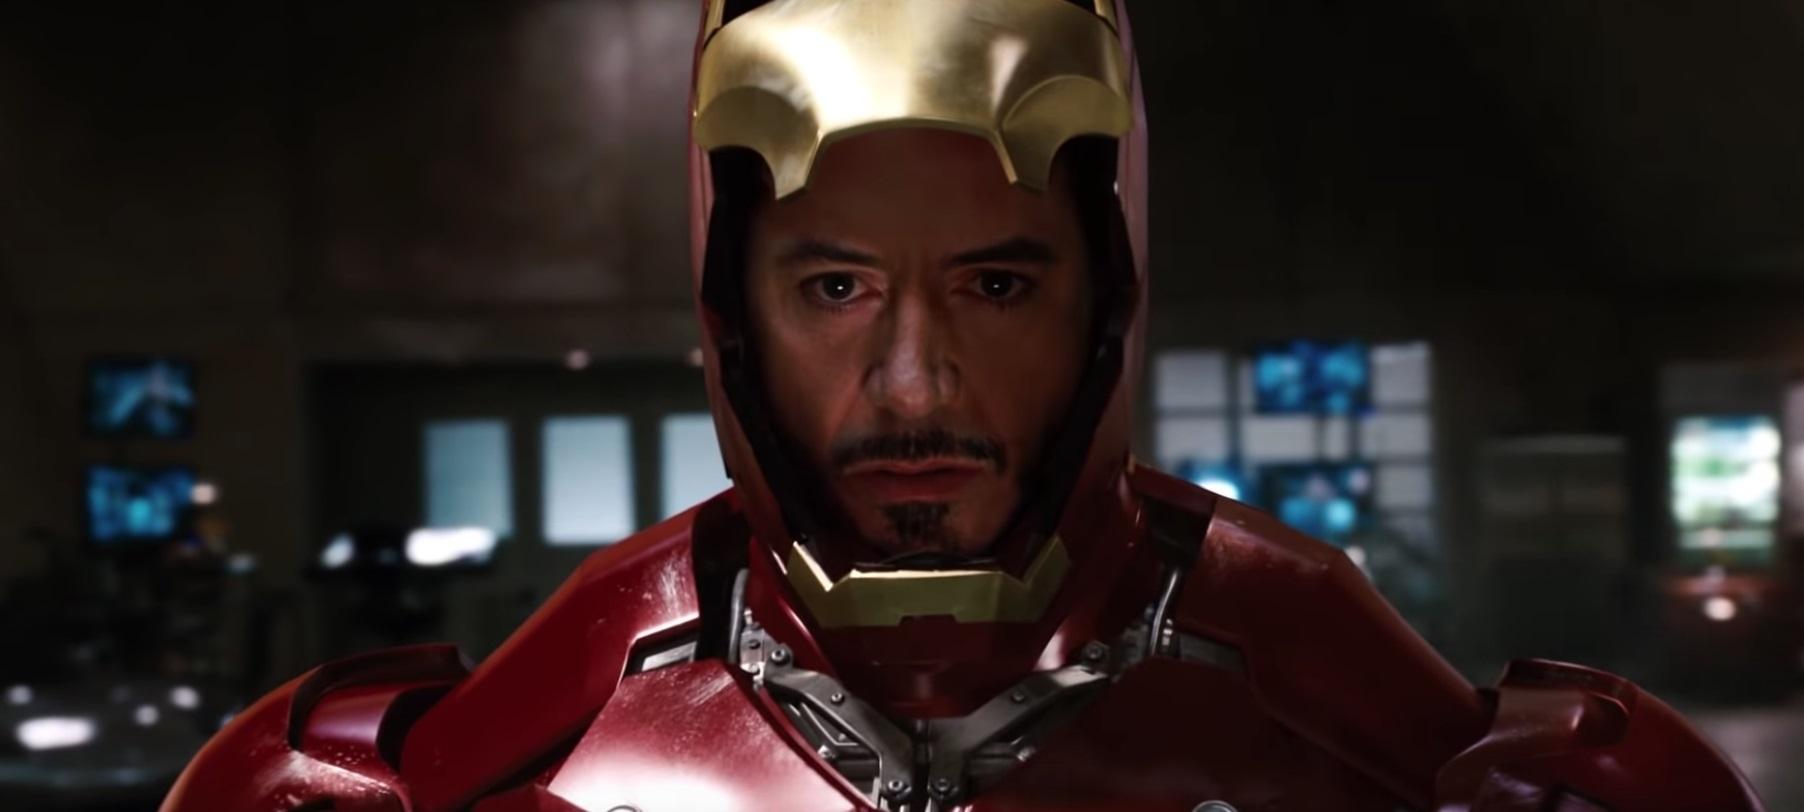 Роберт Дауни мл. сказал, что был «полностью ослеплен» оригинальным шлемом Железного человека